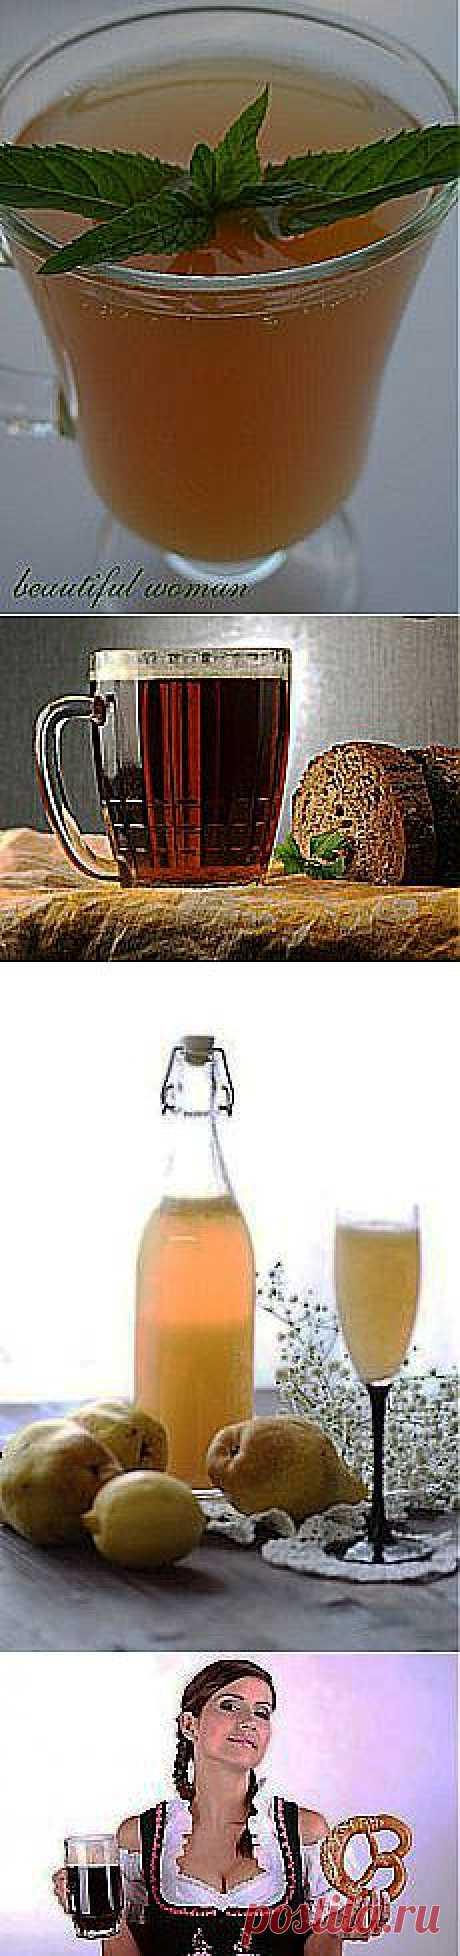 Ирина Яковенко: Самые различные  напитки | Постила